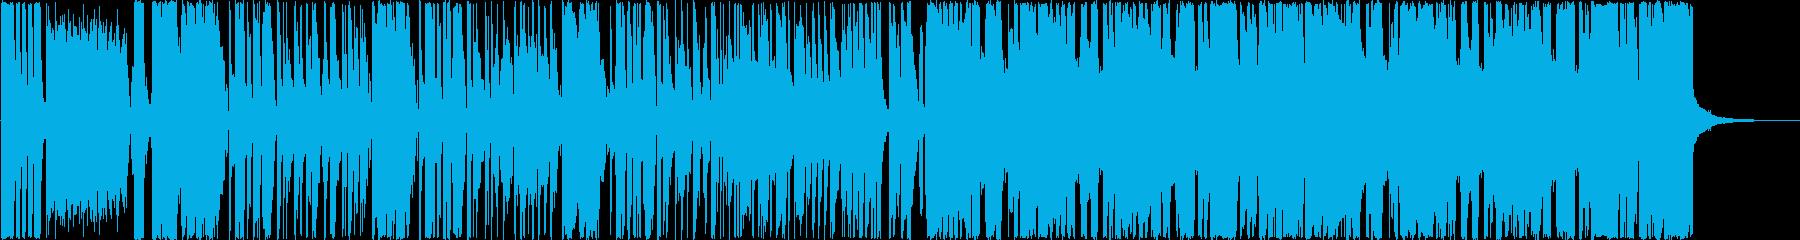 ブラスとワウギターが印象的なファンキー曲の再生済みの波形